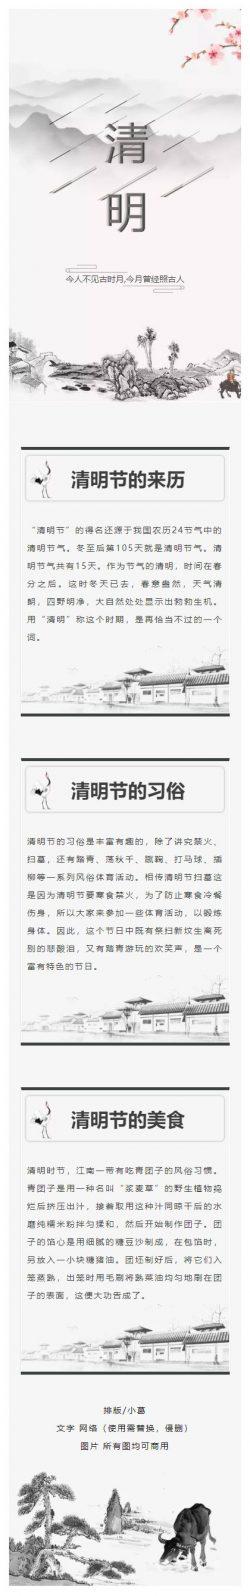 清明节水墨中国风微信图文模板推送素材